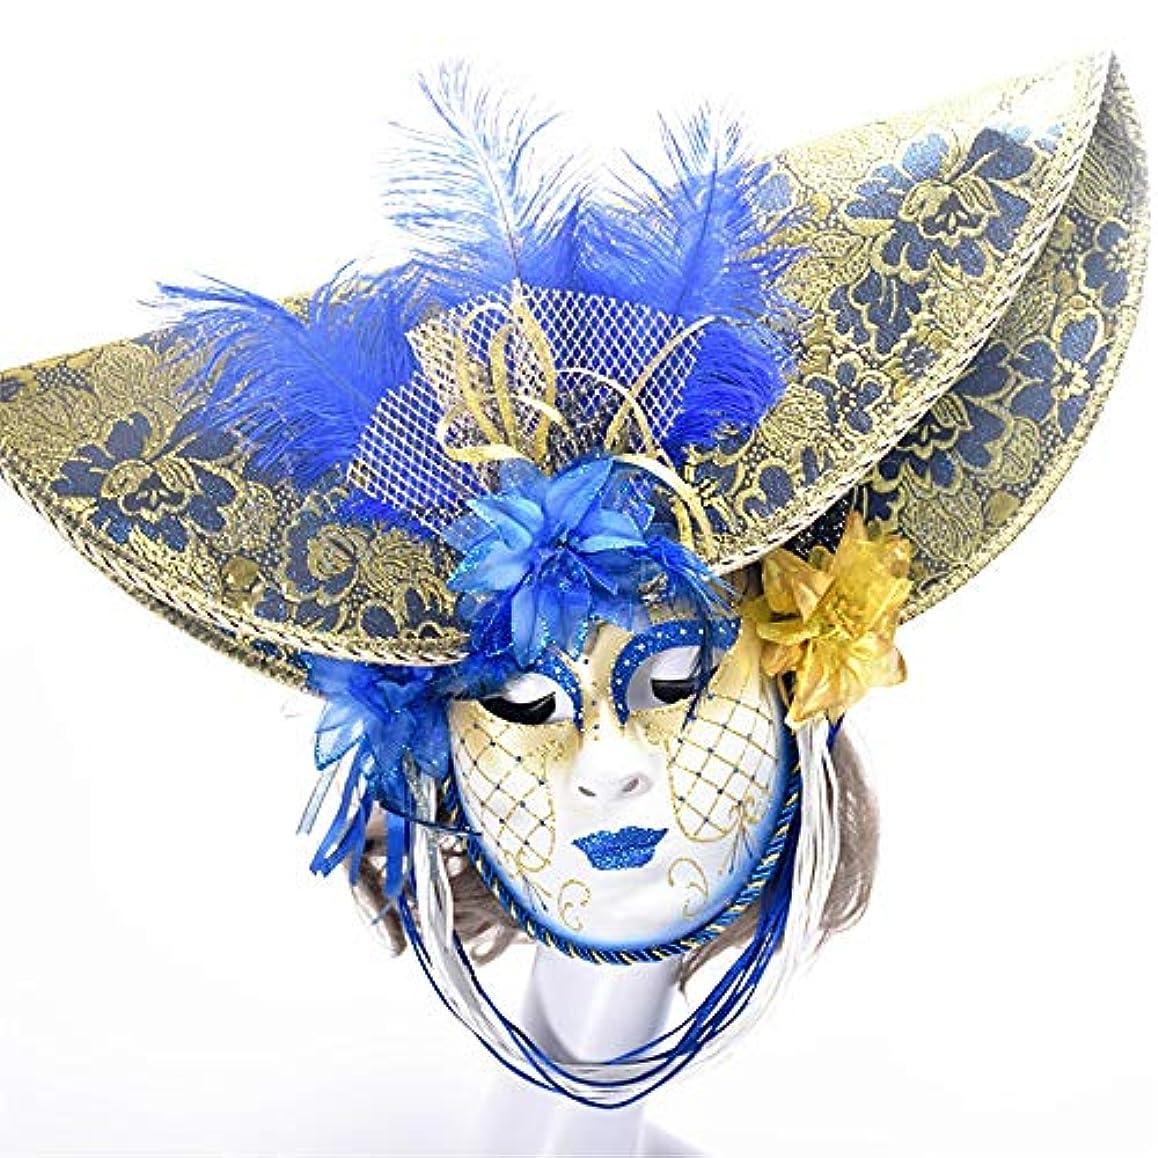 予言する捕虜指導するダンスマスク 手描きフルフェイスマスク大人仮装パーティーブルーフェイスナイトクラブパーティーフェスティバルロールプレイングプラスチックマスク ホリデーパーティー用品 (色 : 青, サイズ : 55x35cm)